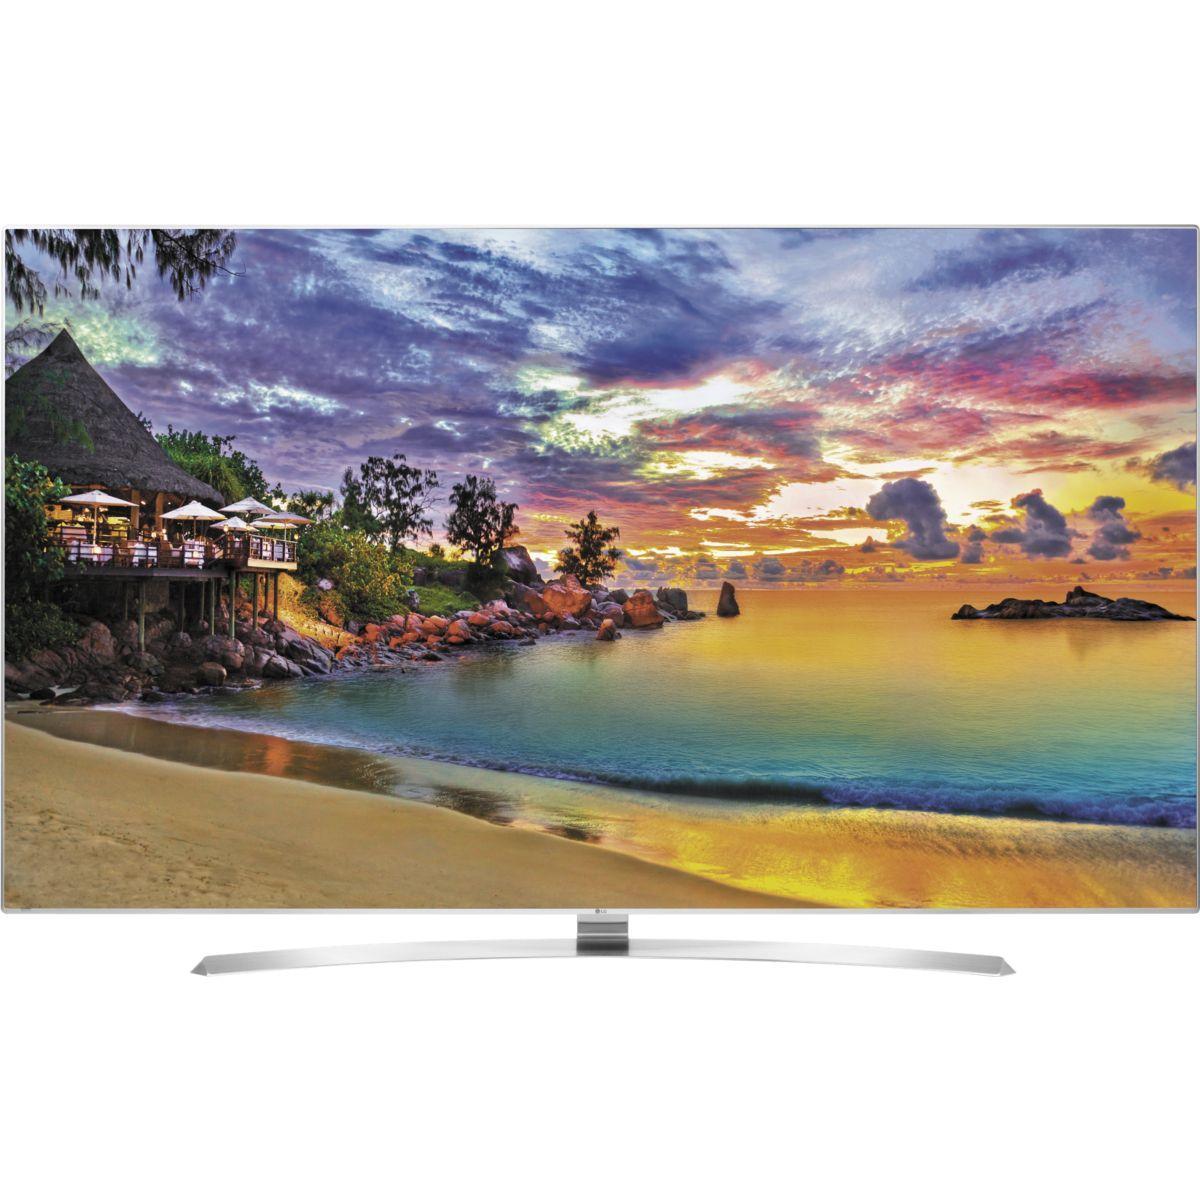 Pack promo tv lg 55uh950v 200hz 4k smart tv 3d + barre de son lg las550h - livraison offerte : code livtv